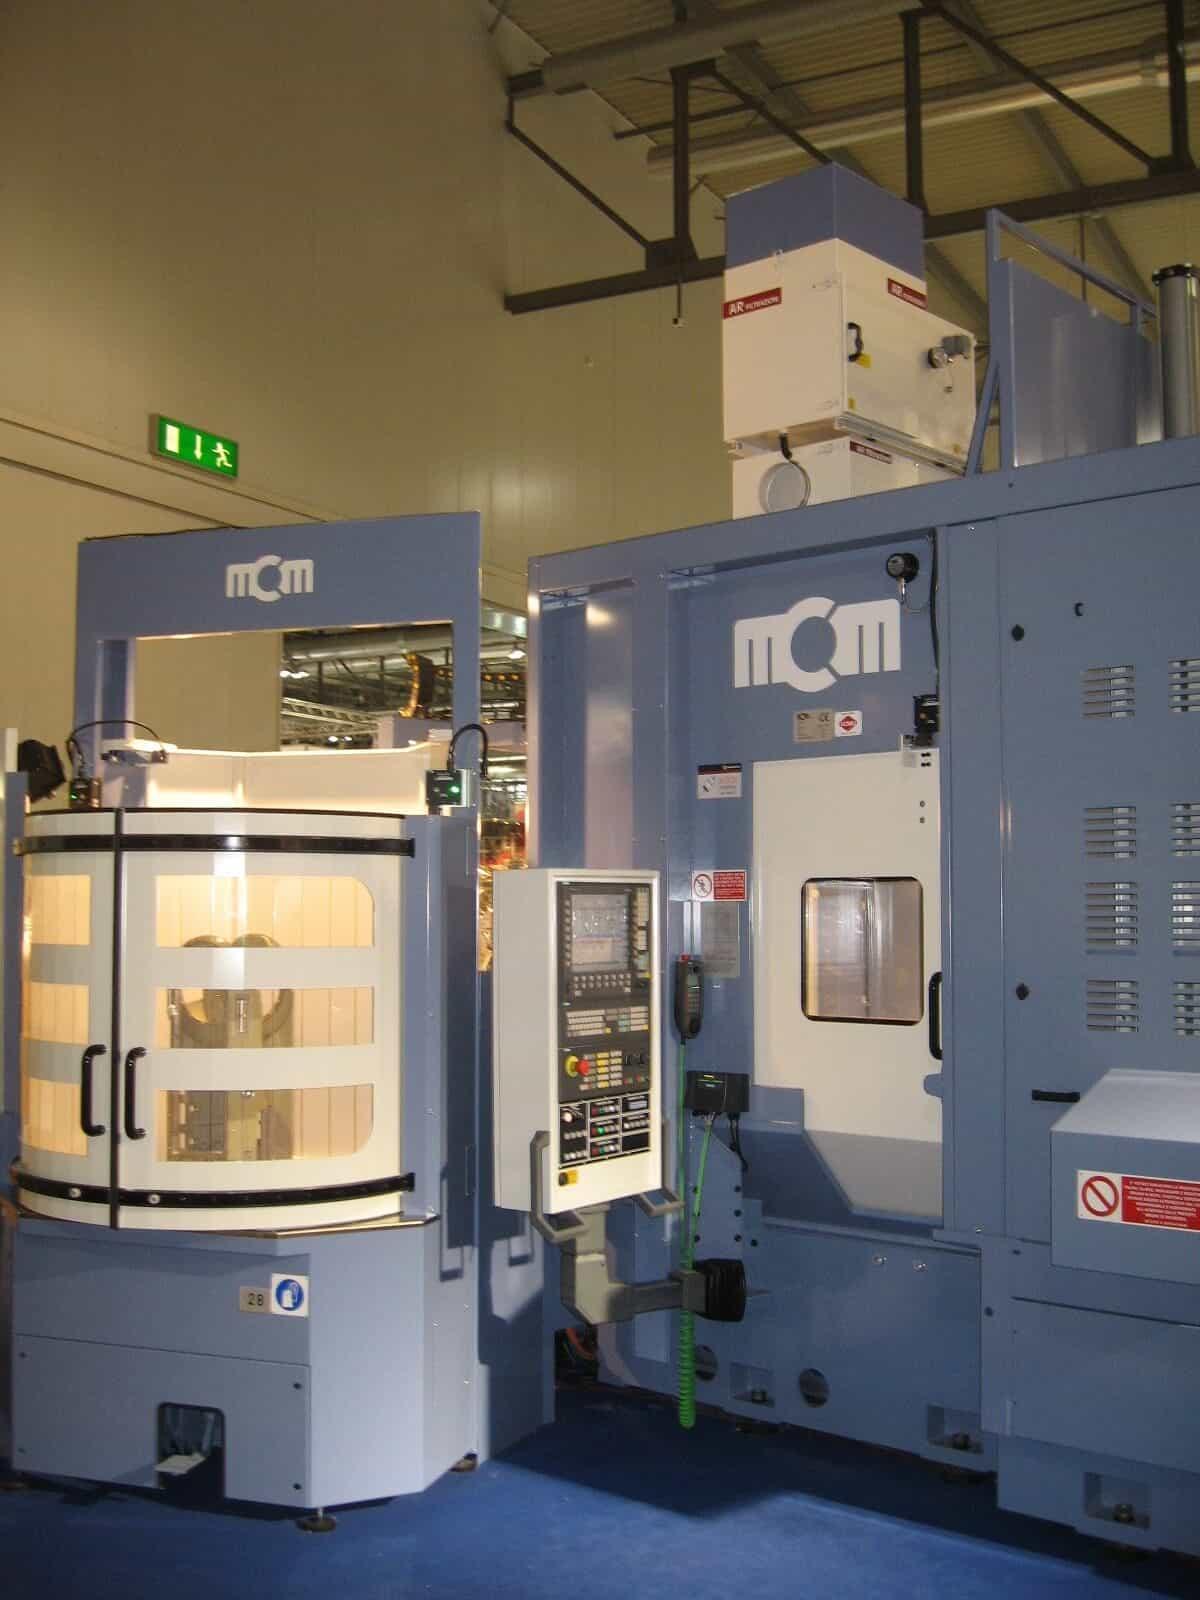 AR Filtrazioni   CENTRI CNC MCM cnc macchine utensili   Filtrazione nebbie oleose centri di lavoro MCM cnc